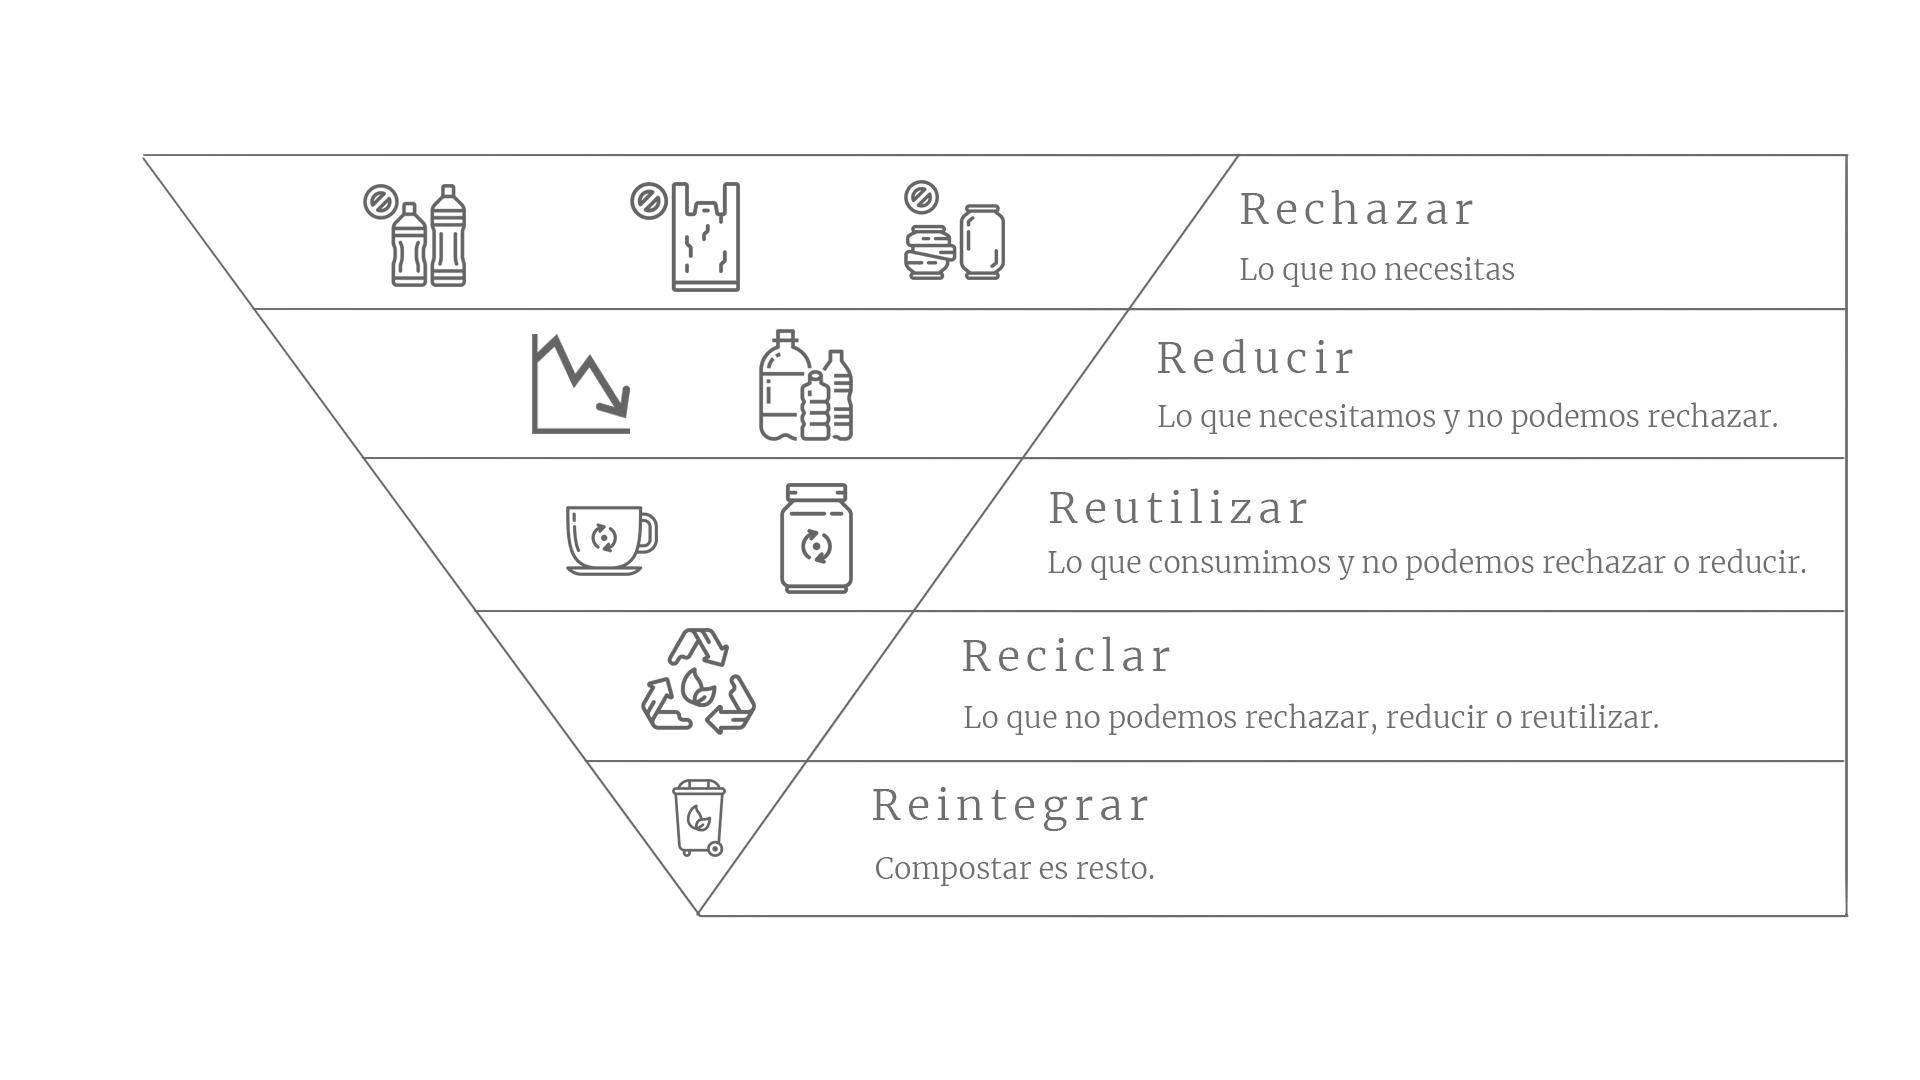 5r zero waste pirámide